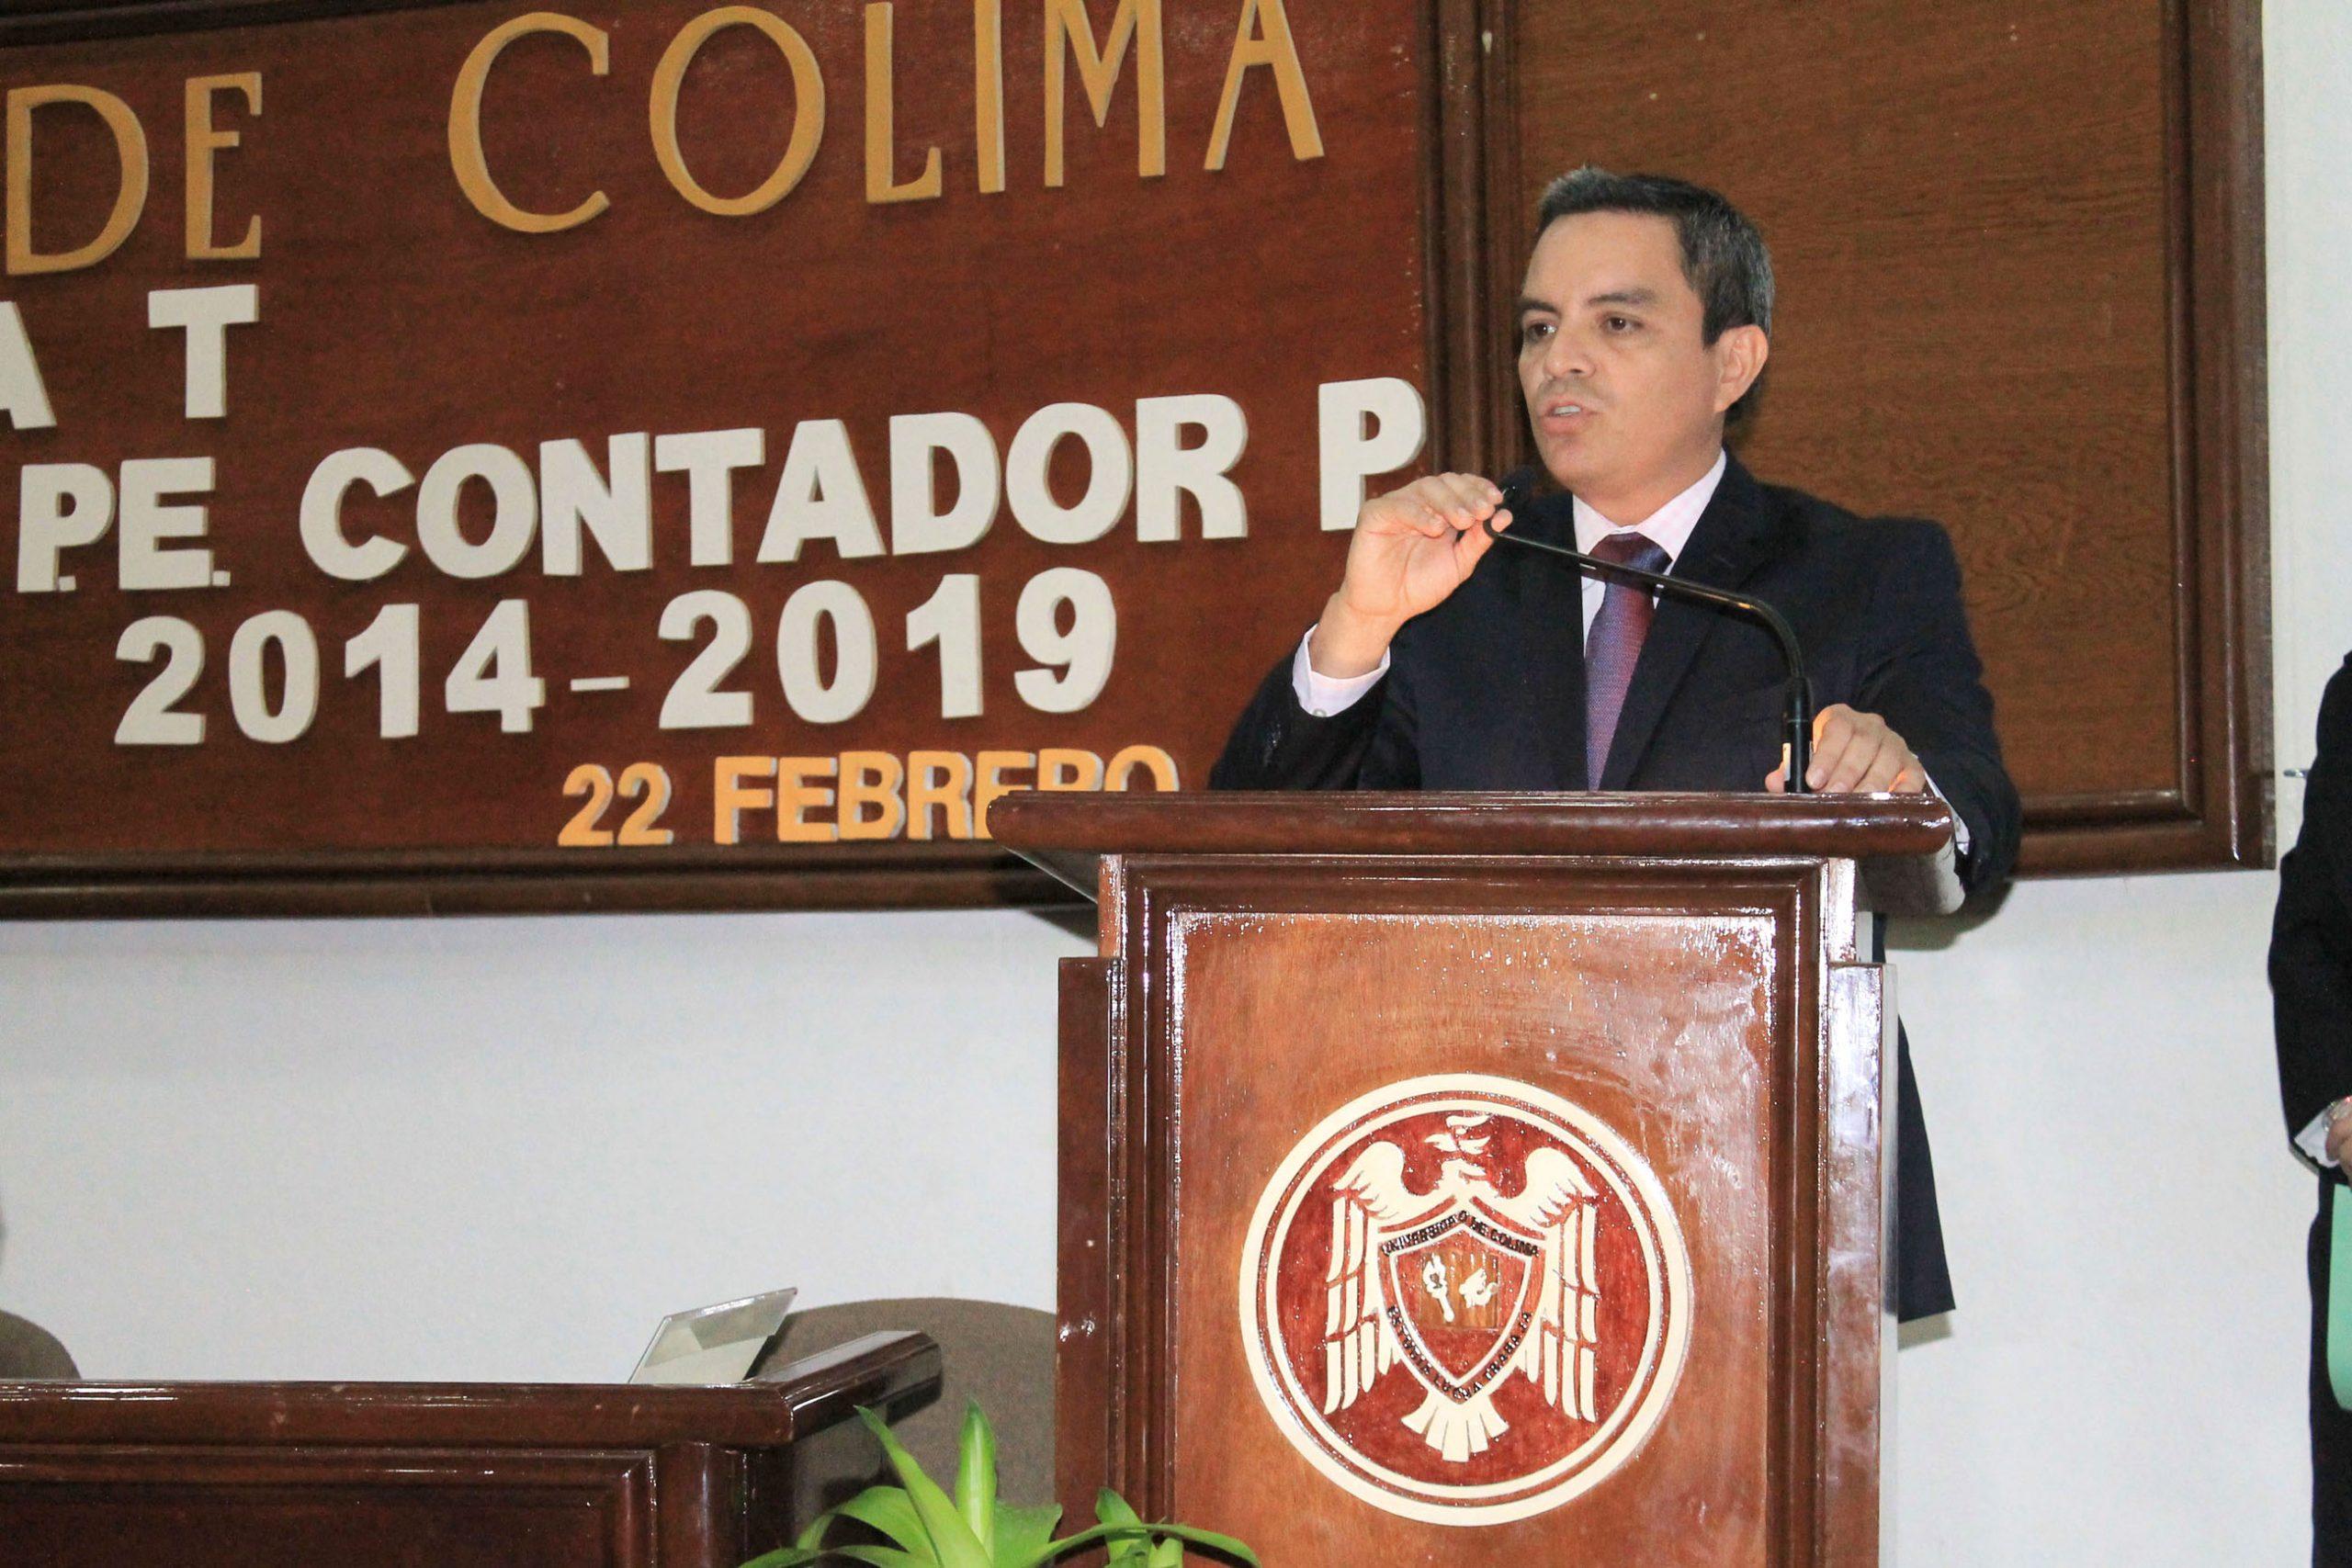 Este lunes, Christian Torres toma posesión de la rectoría en la UCOL